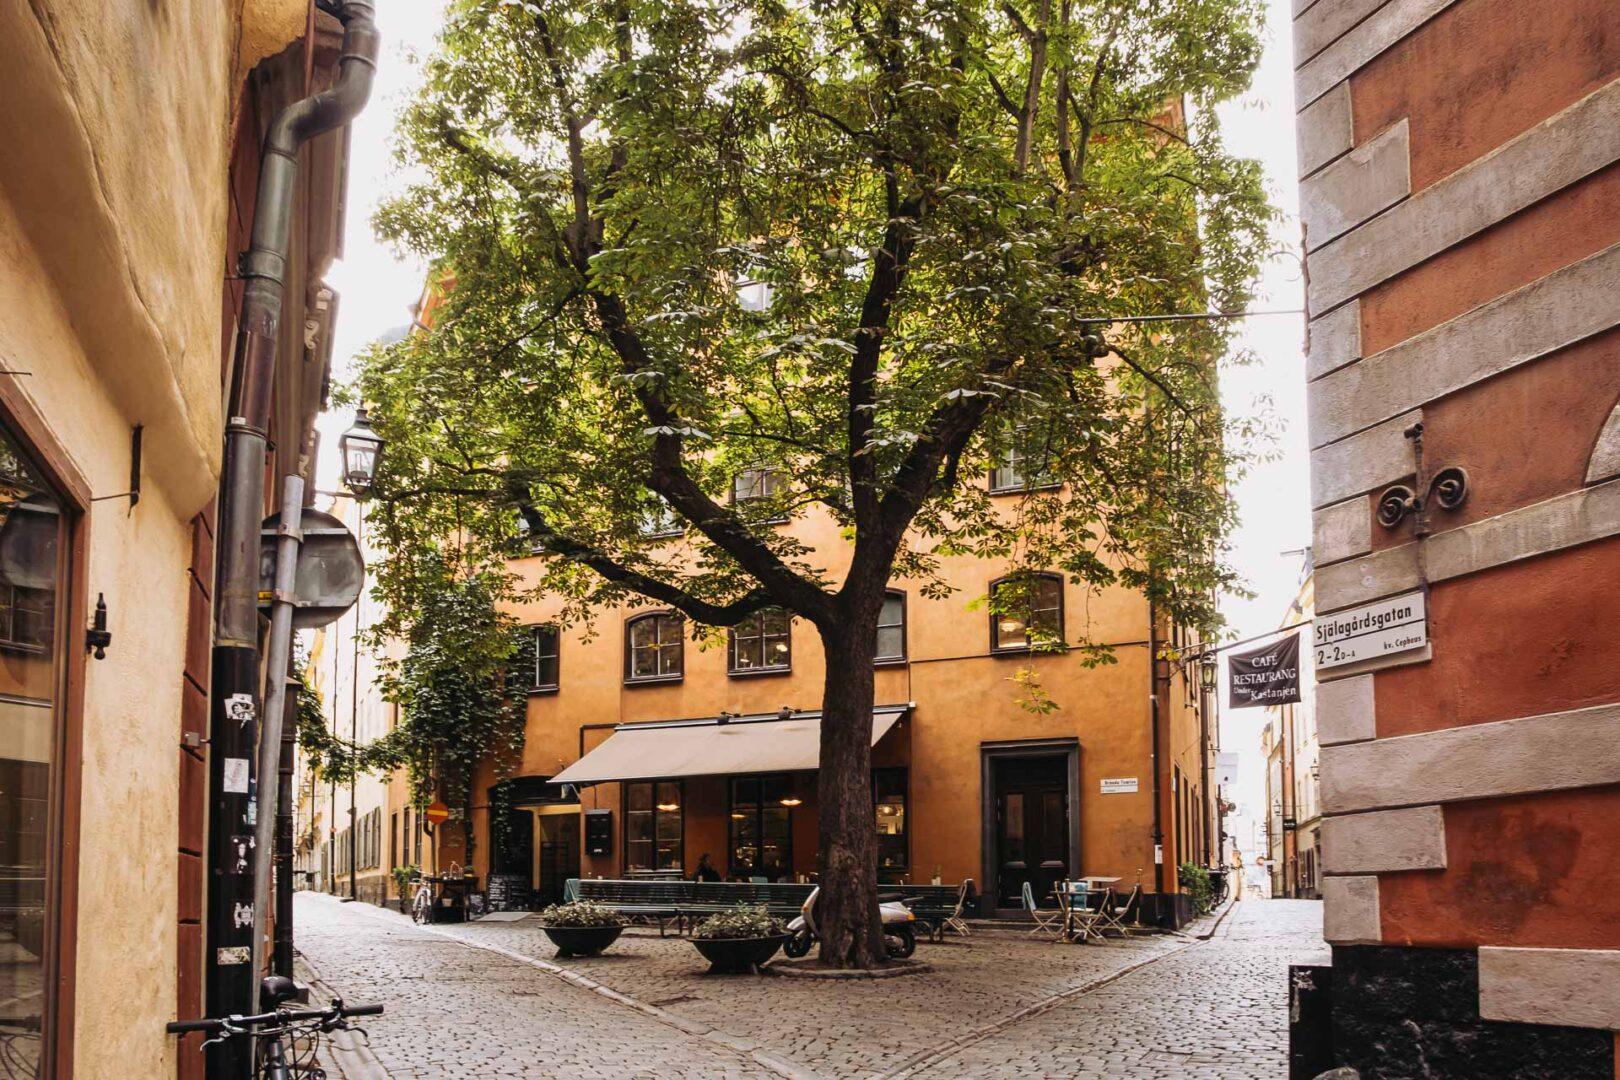 Instagramvänliga platser Stockholm, Gamla stan, Brända tomten